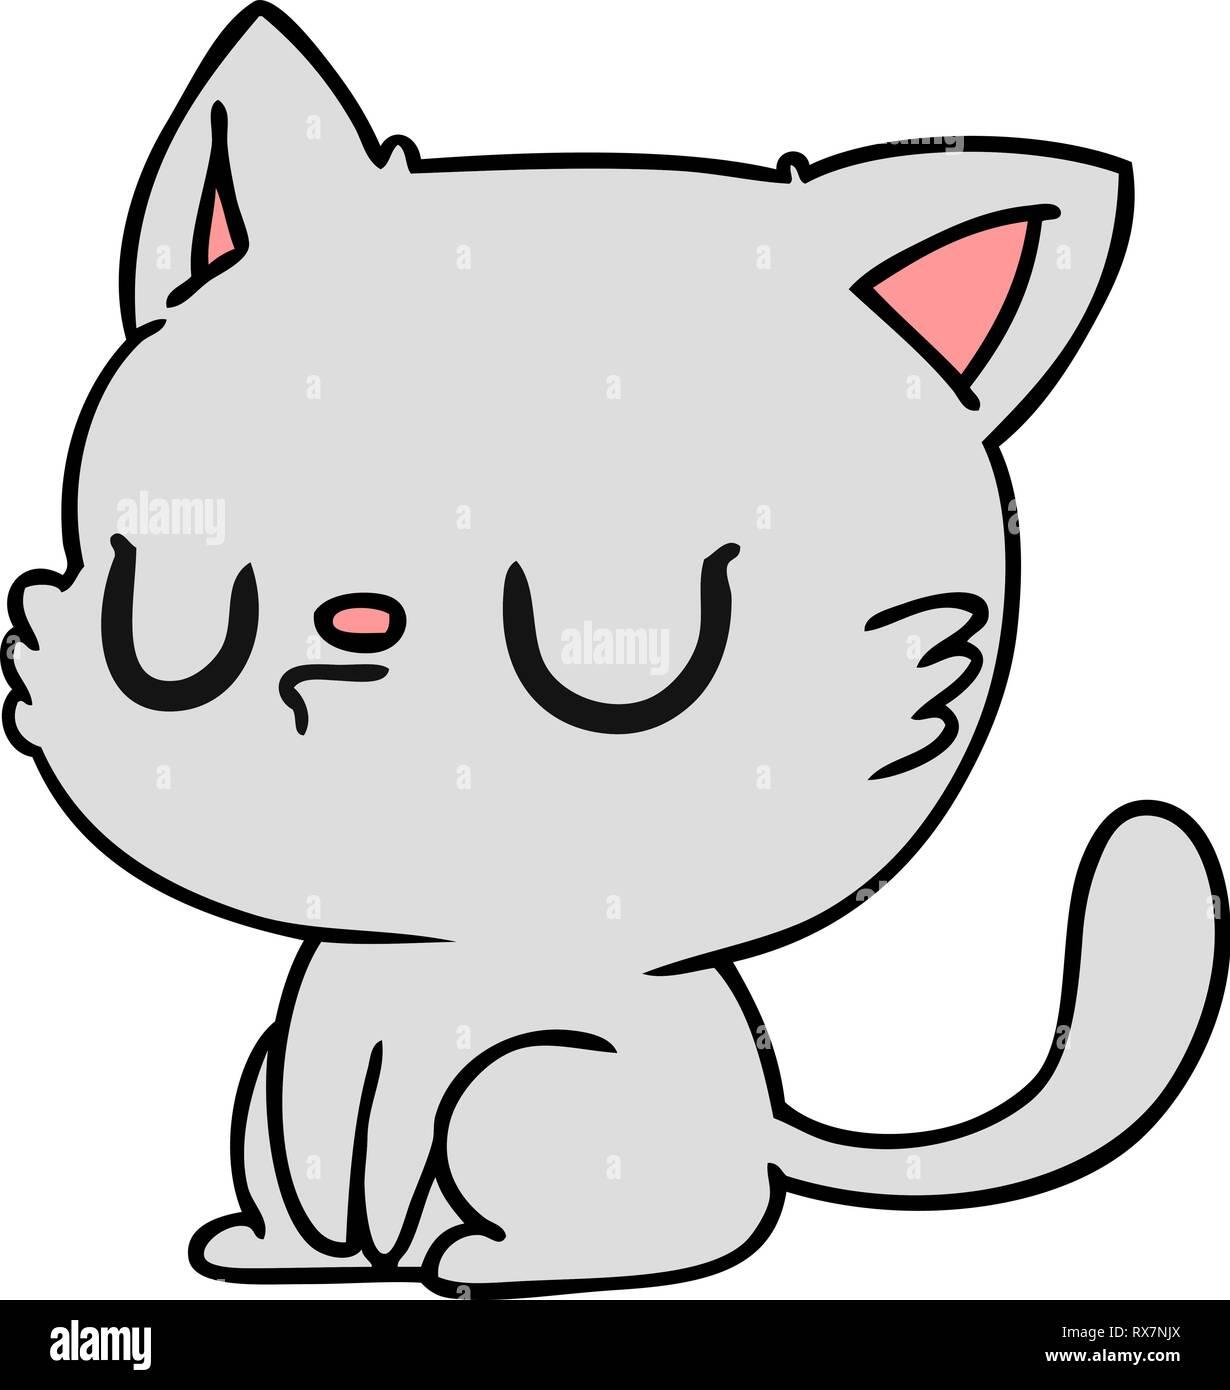 Freehand Drawn Cartoon Of Cute Kawaii Cat Stock Vector Image Art